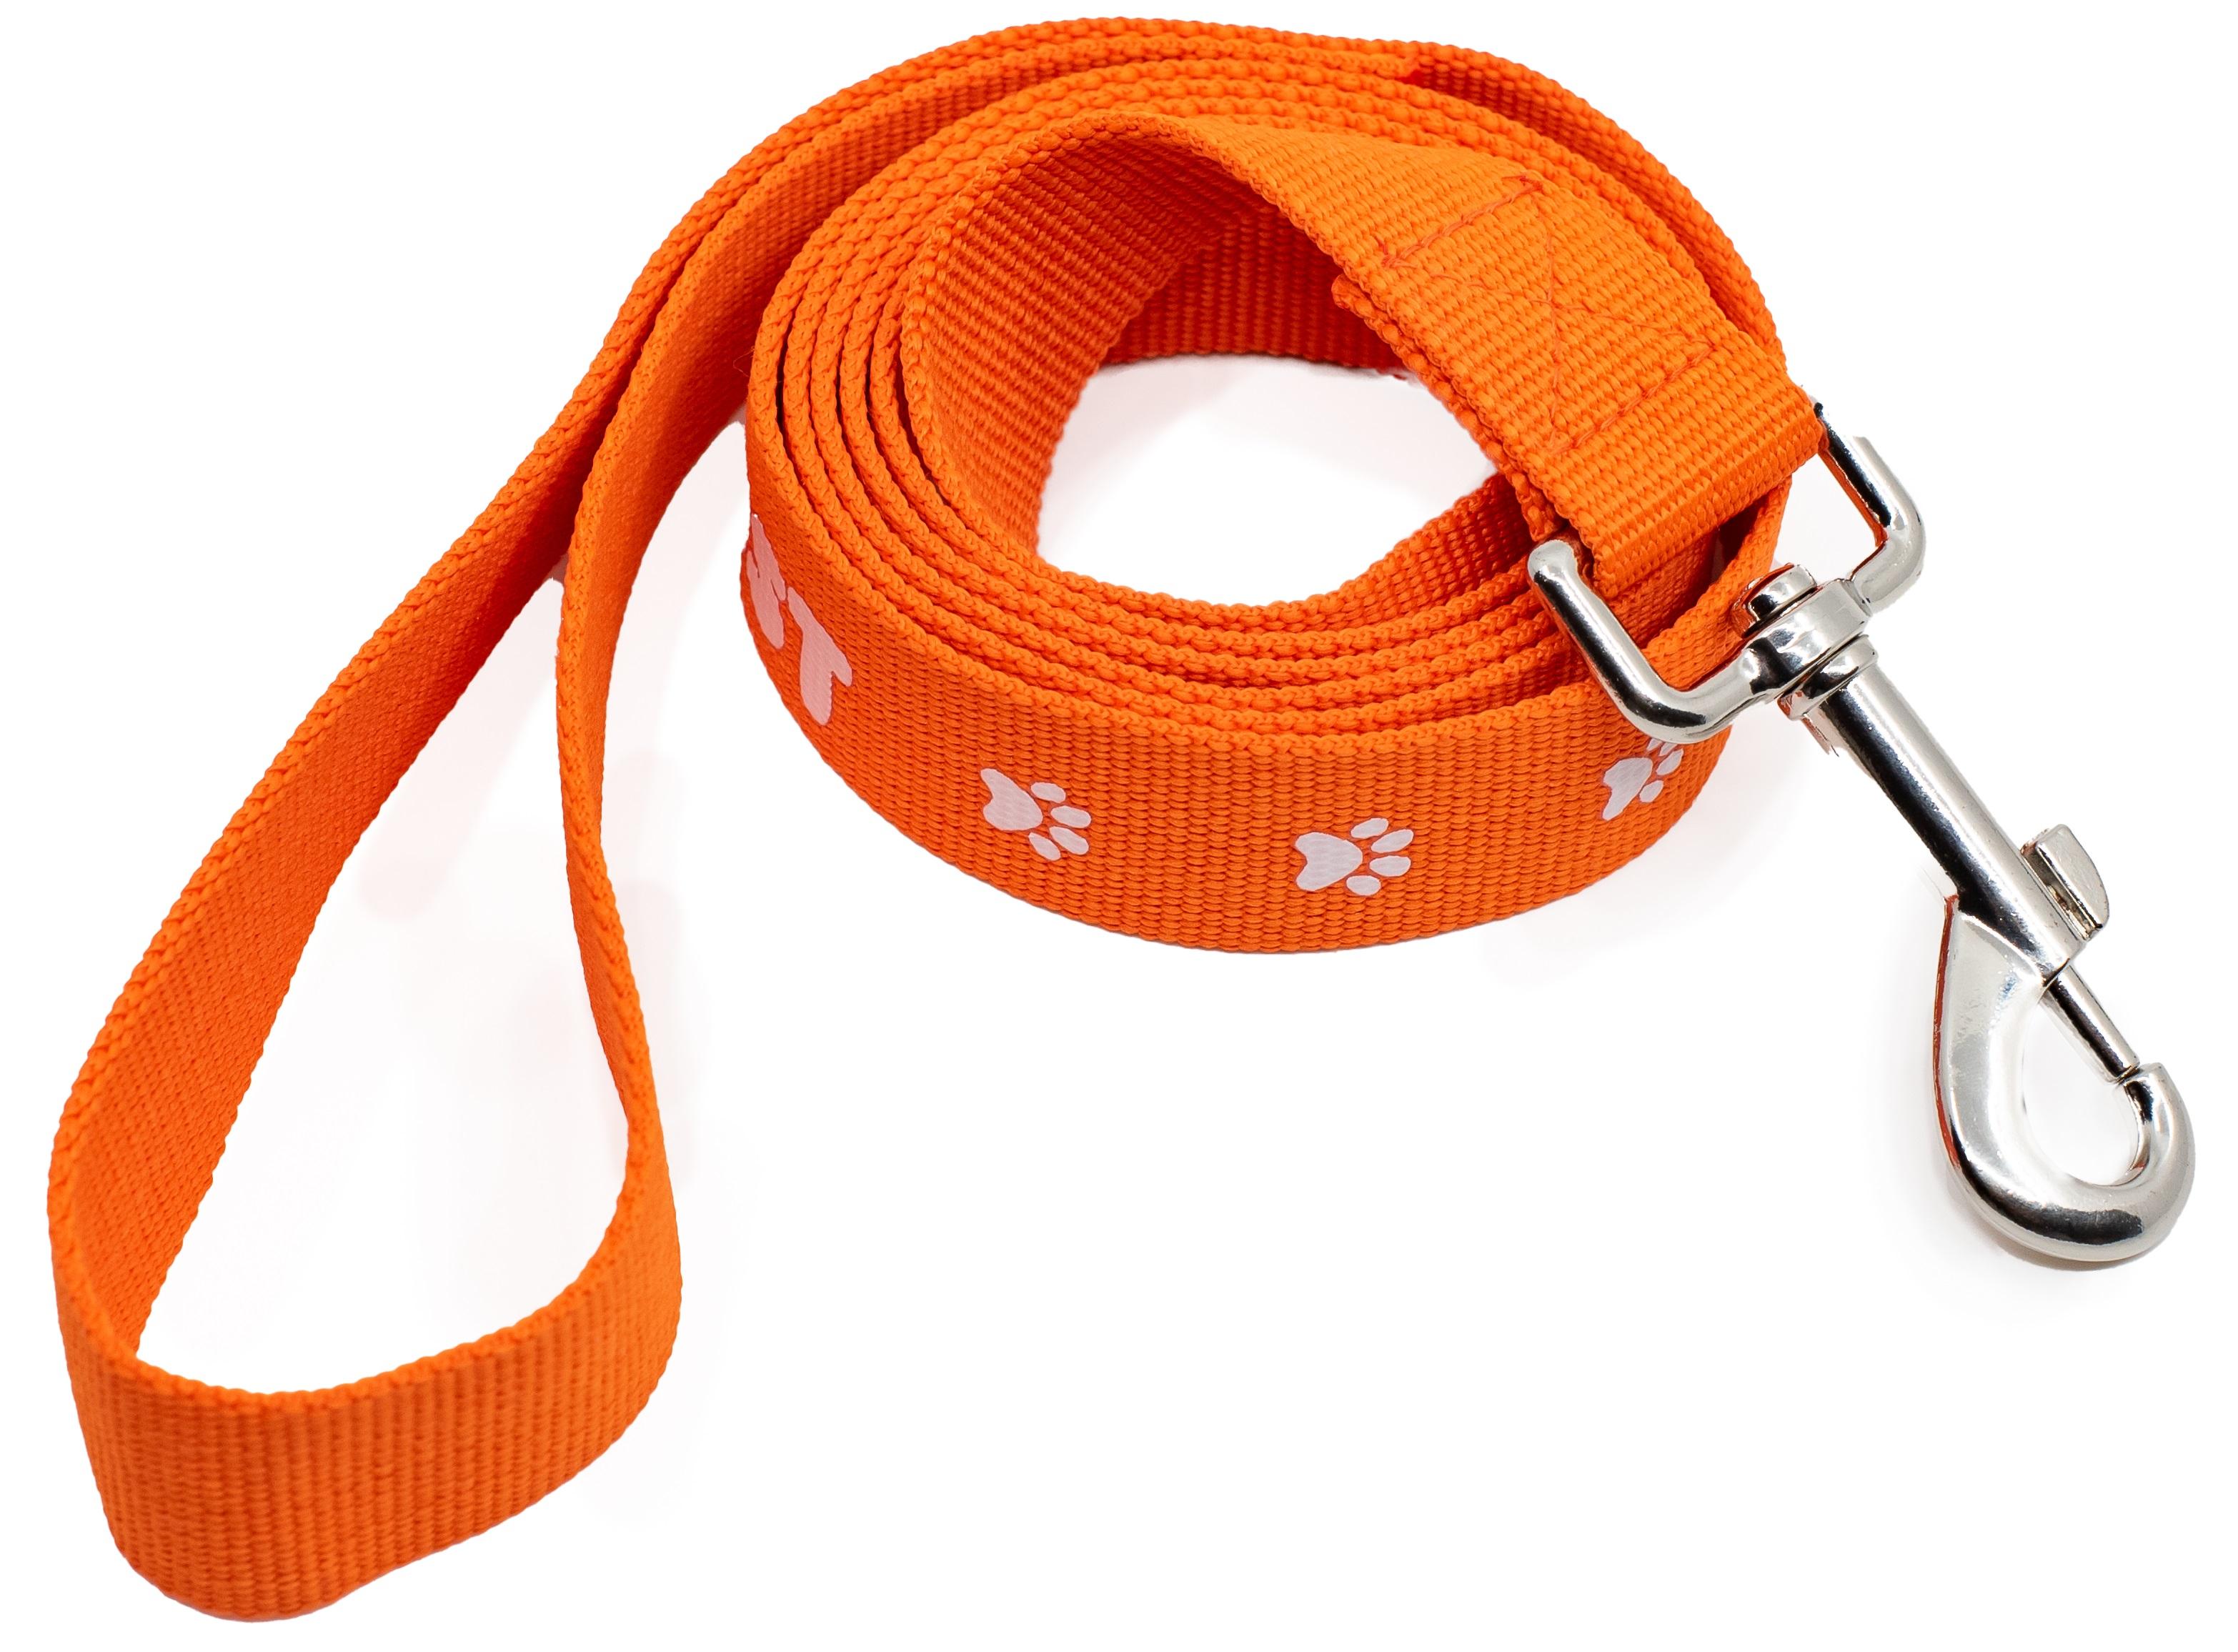 Image of PAWGUST dog lead